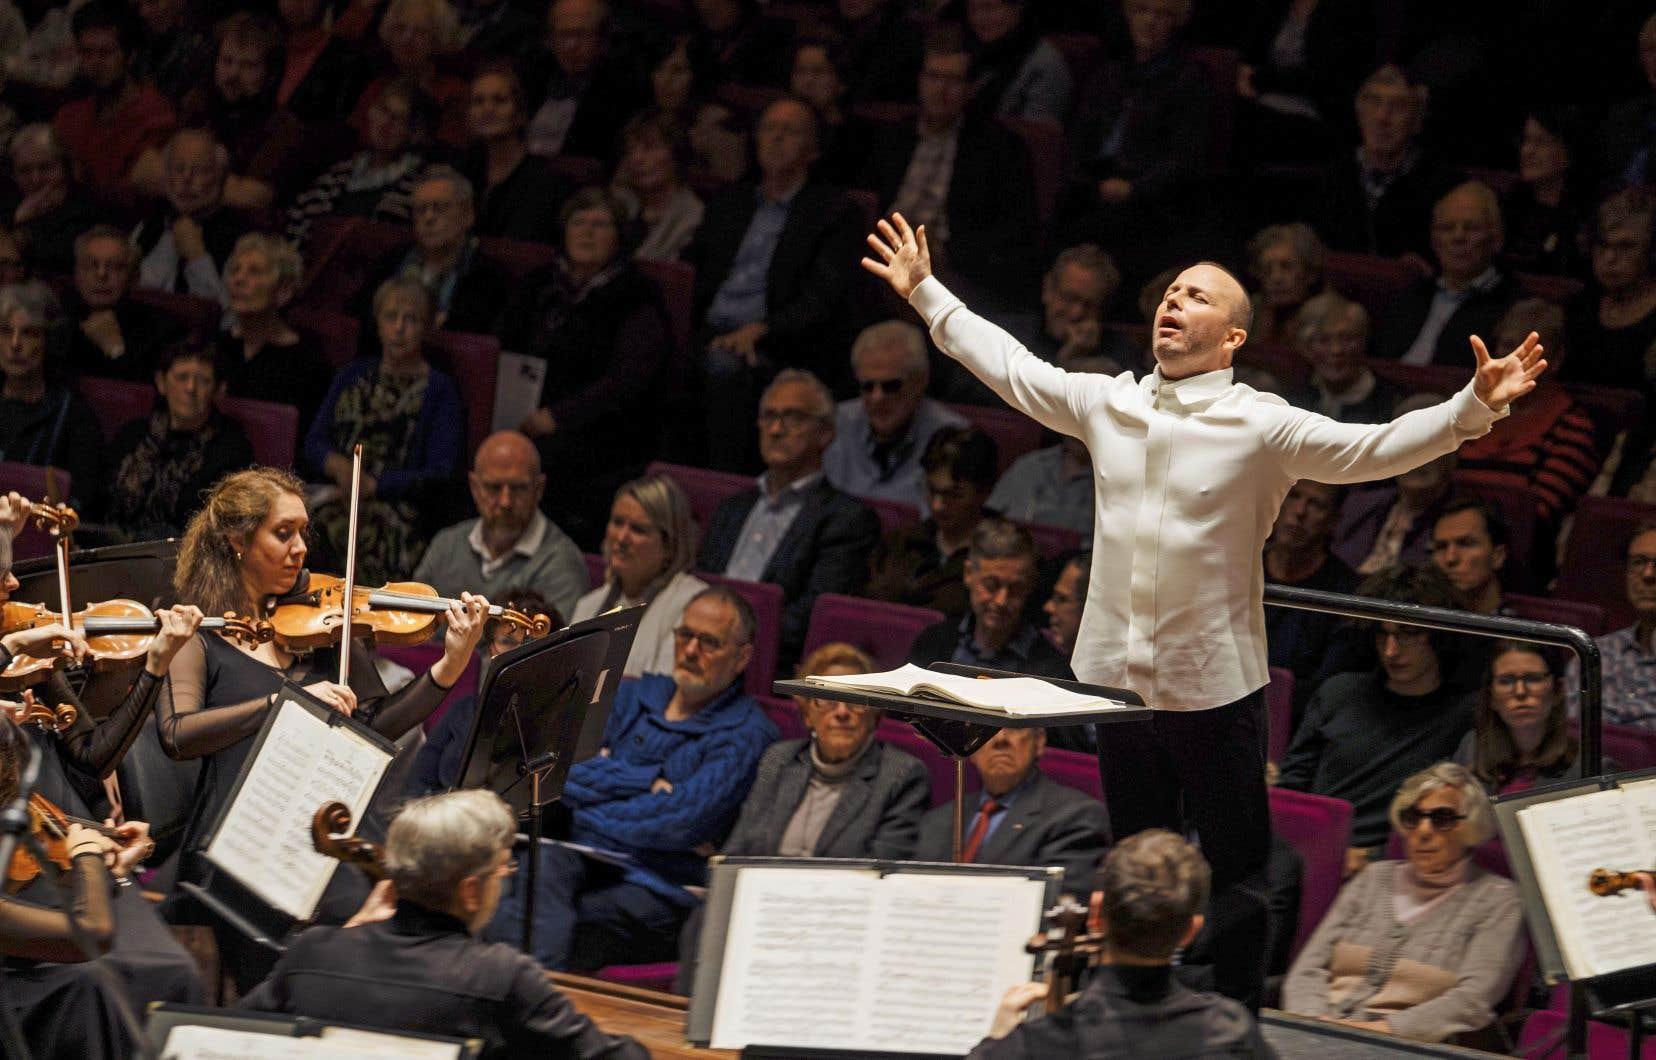 En thaumaturge, l'homme impose ses mains sur des ondes invisibles qui le relient à ce corps sonore qu'est l'Orchestre Métropolitain, sa famille.